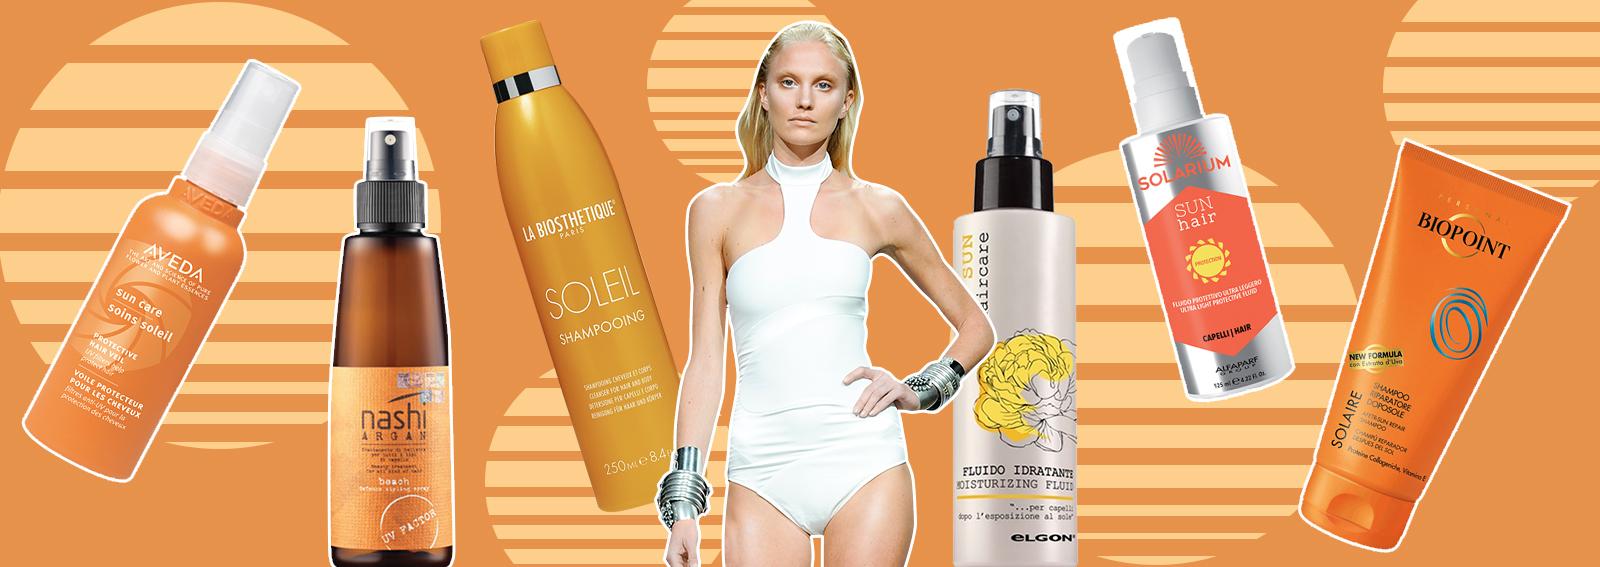 solari capelli estate 2017 collage_desktop